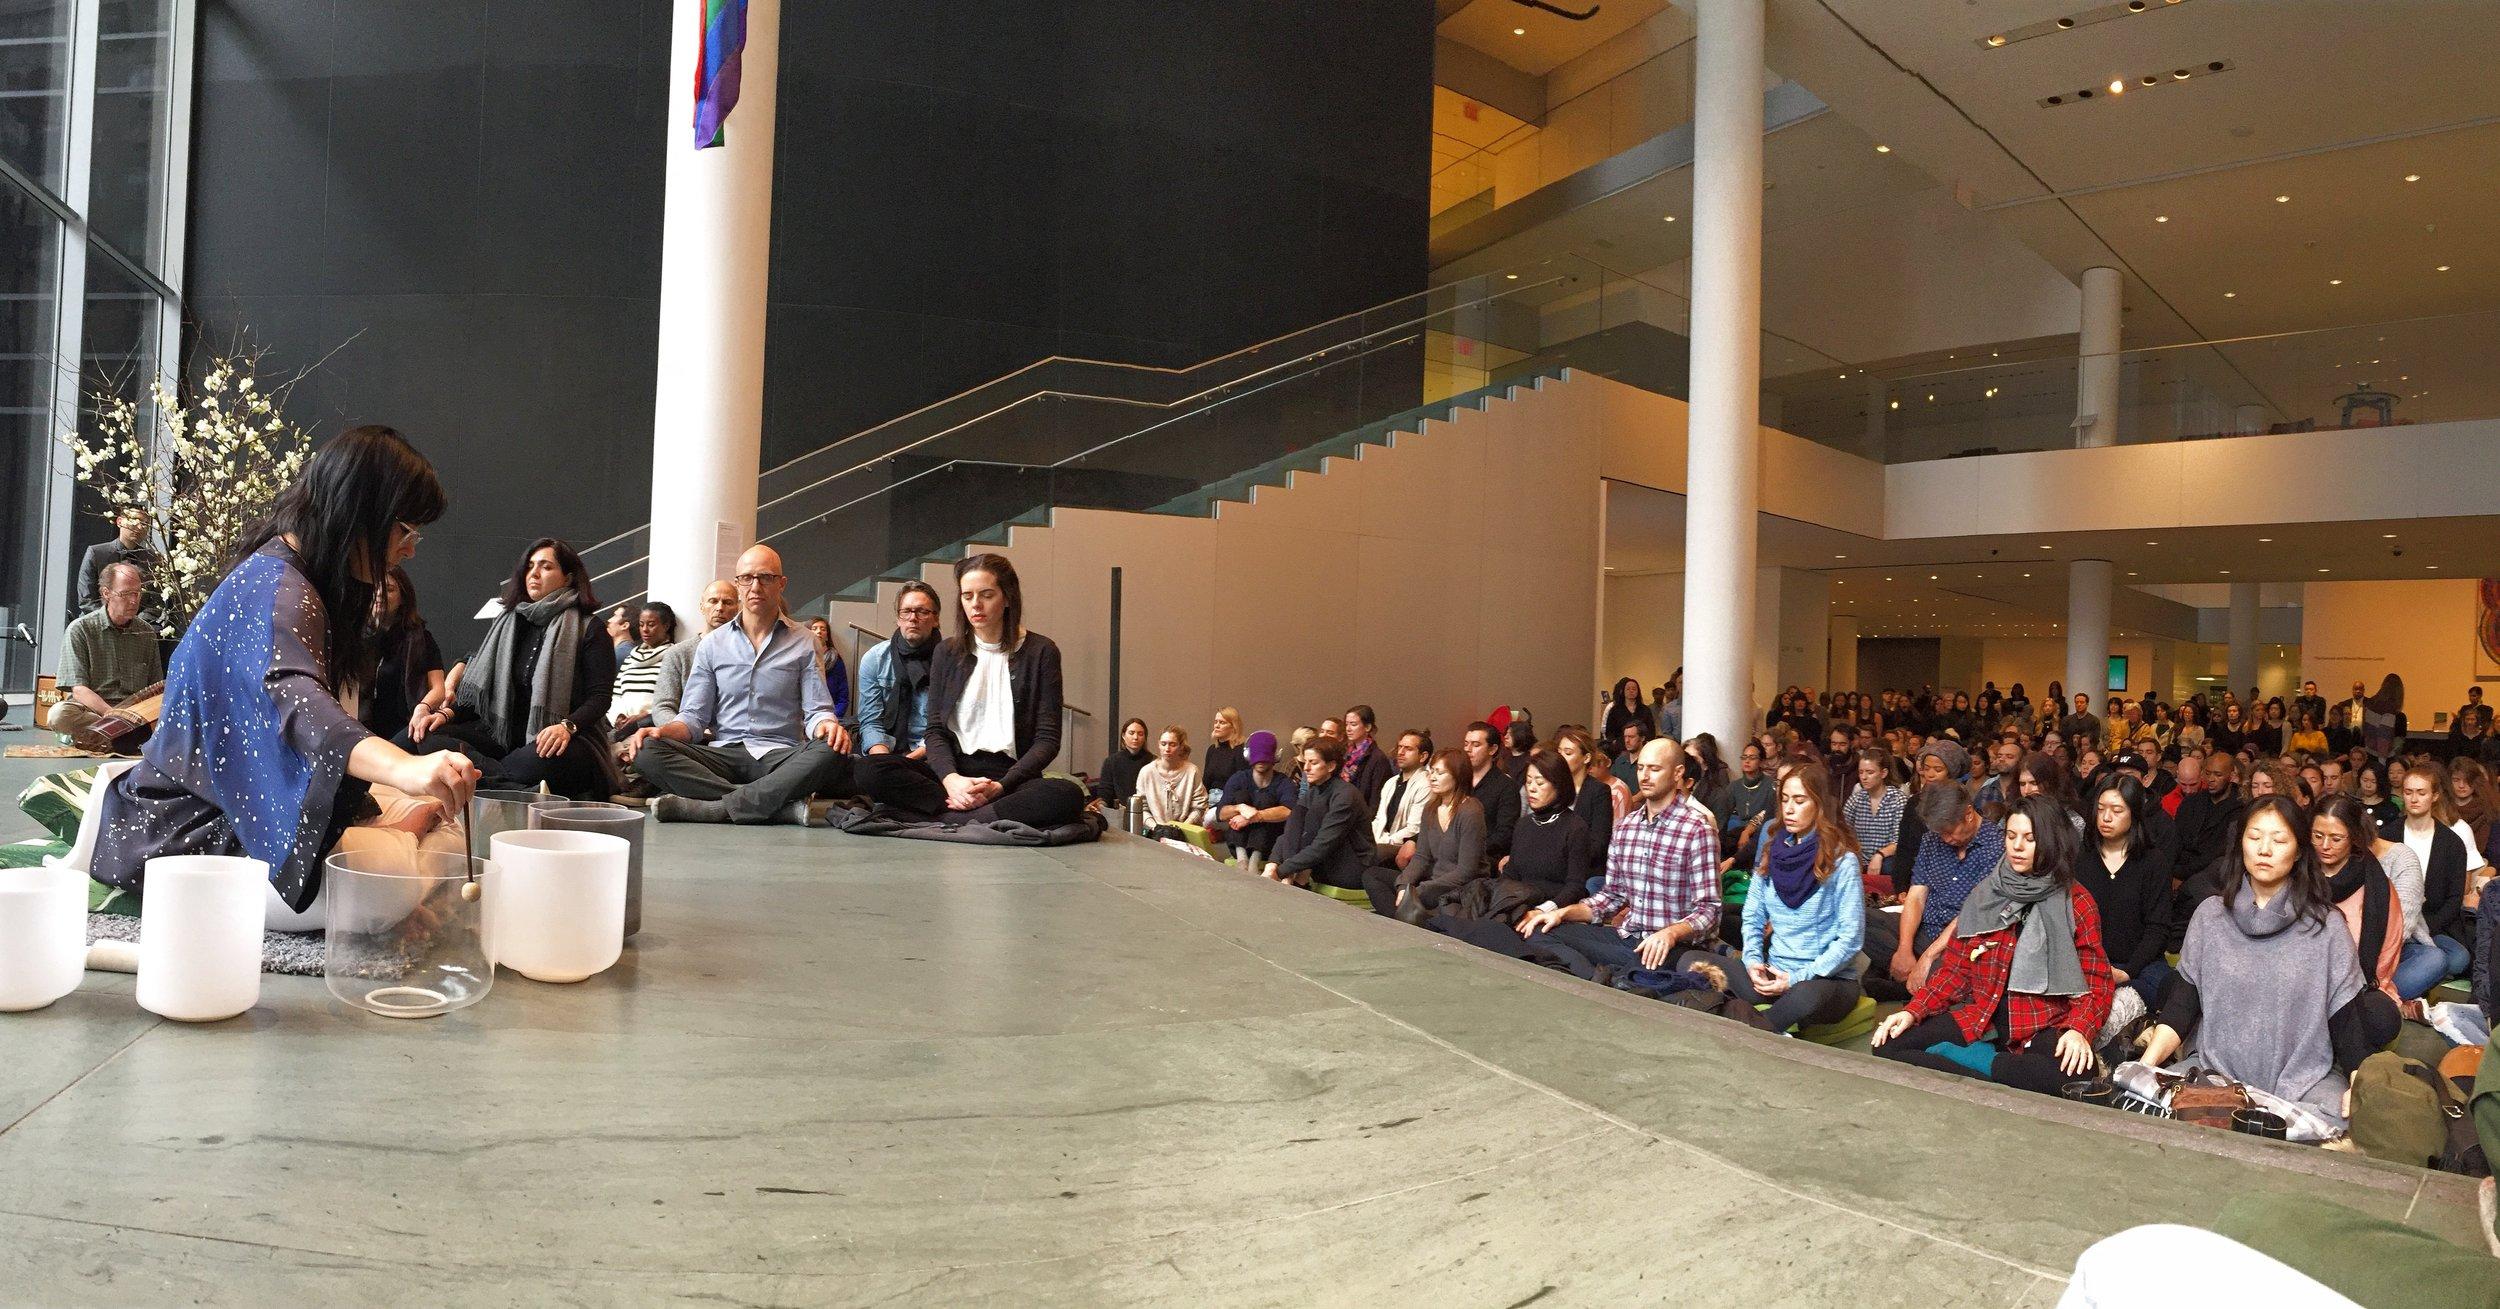 Sara Auster Quiet Mornings at MoMA.JPG